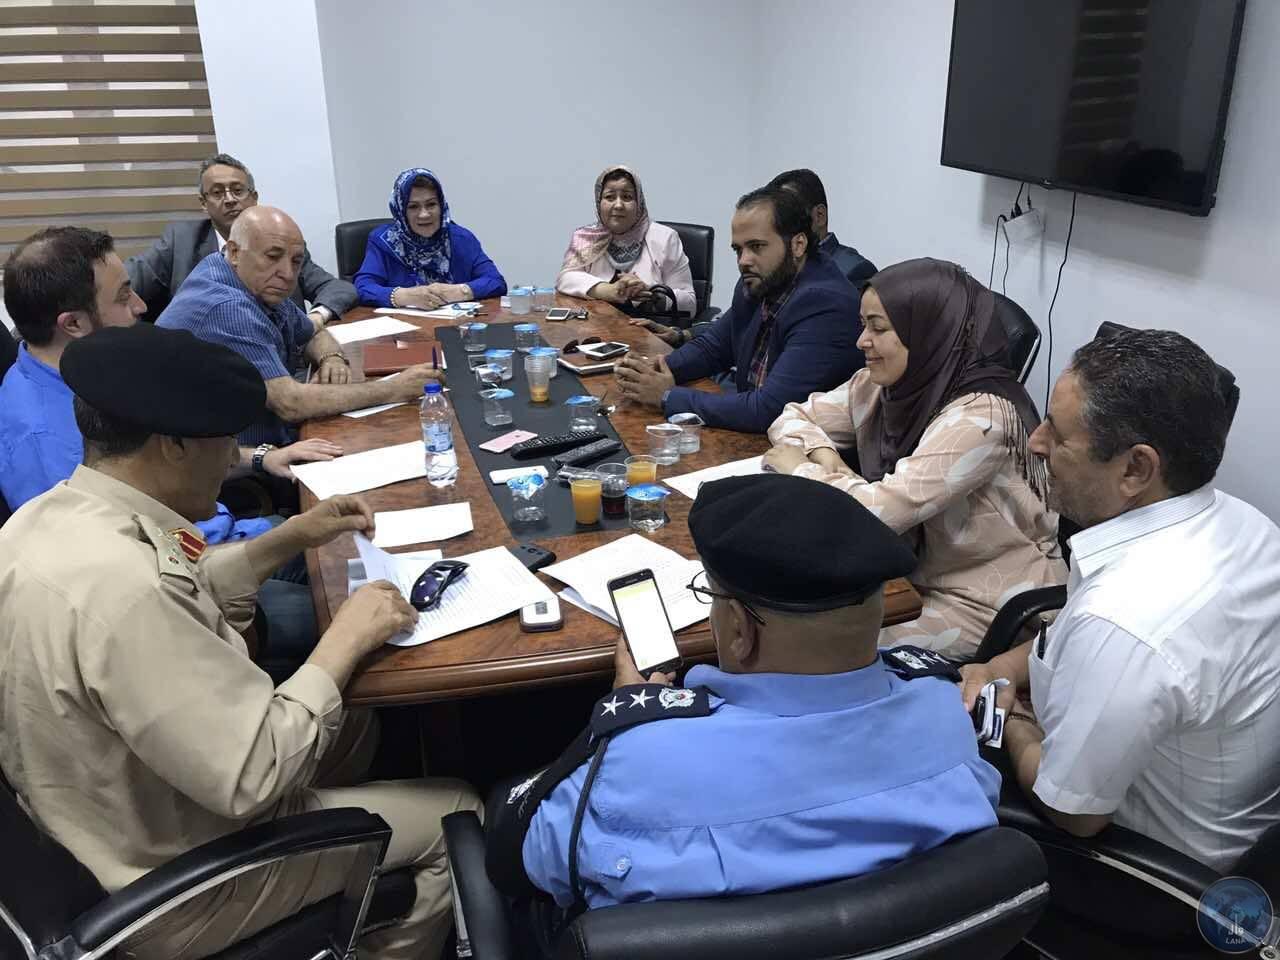 """Photo of اجتماع يبحث """"تأمين طرابلس"""".. ودمج التشكيلات بالأجهزة"""